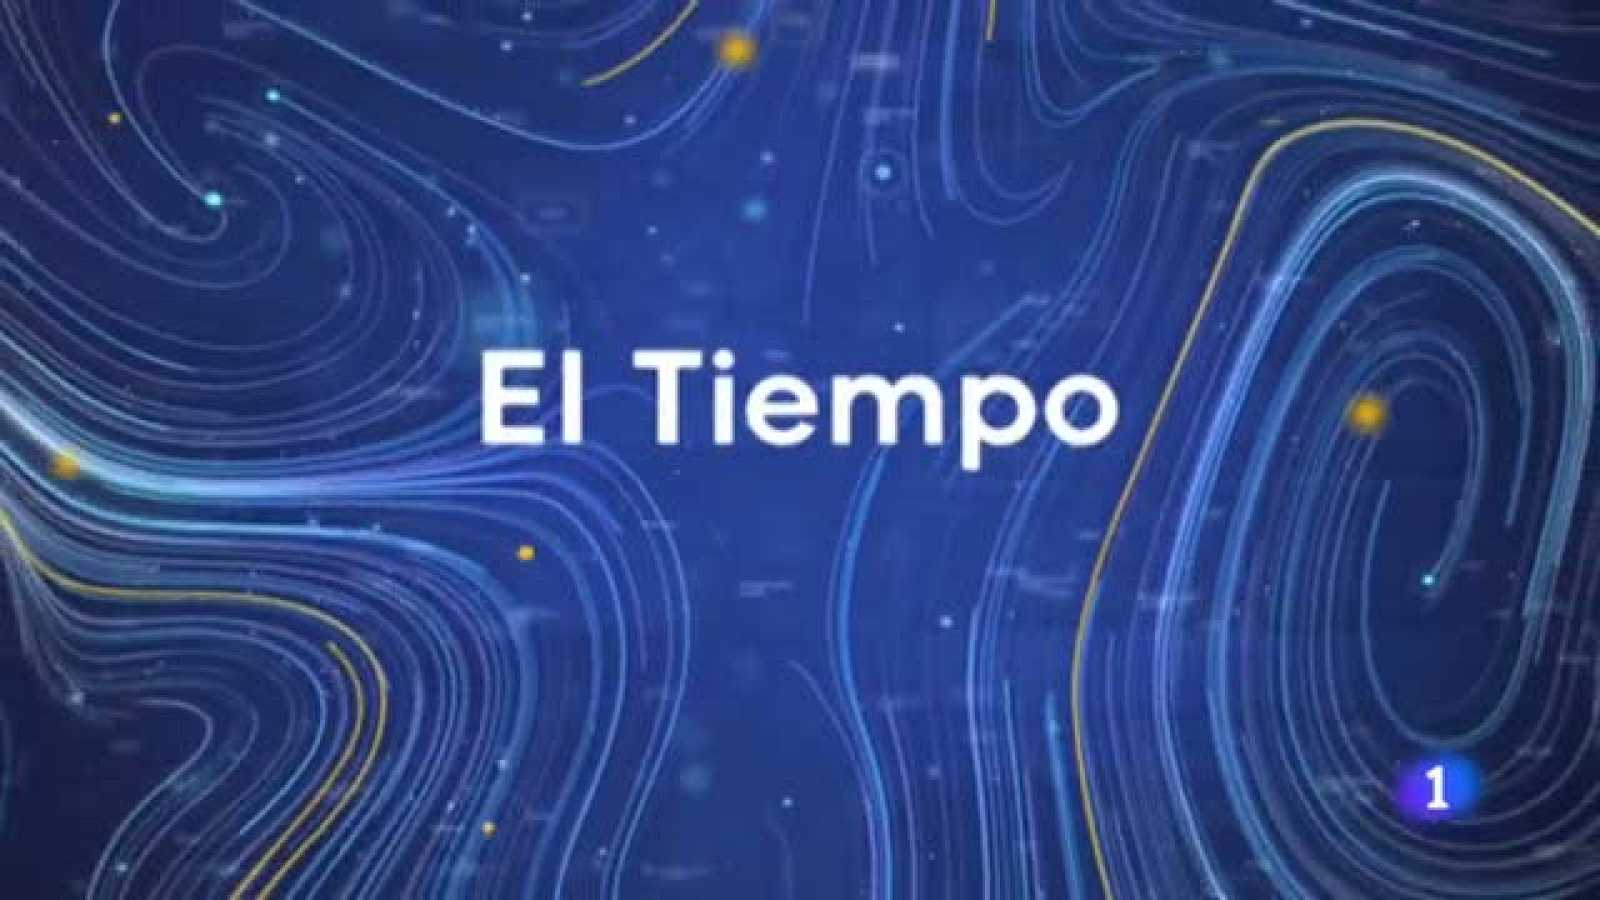 El tiempo en Castilla y León - 26/03/21